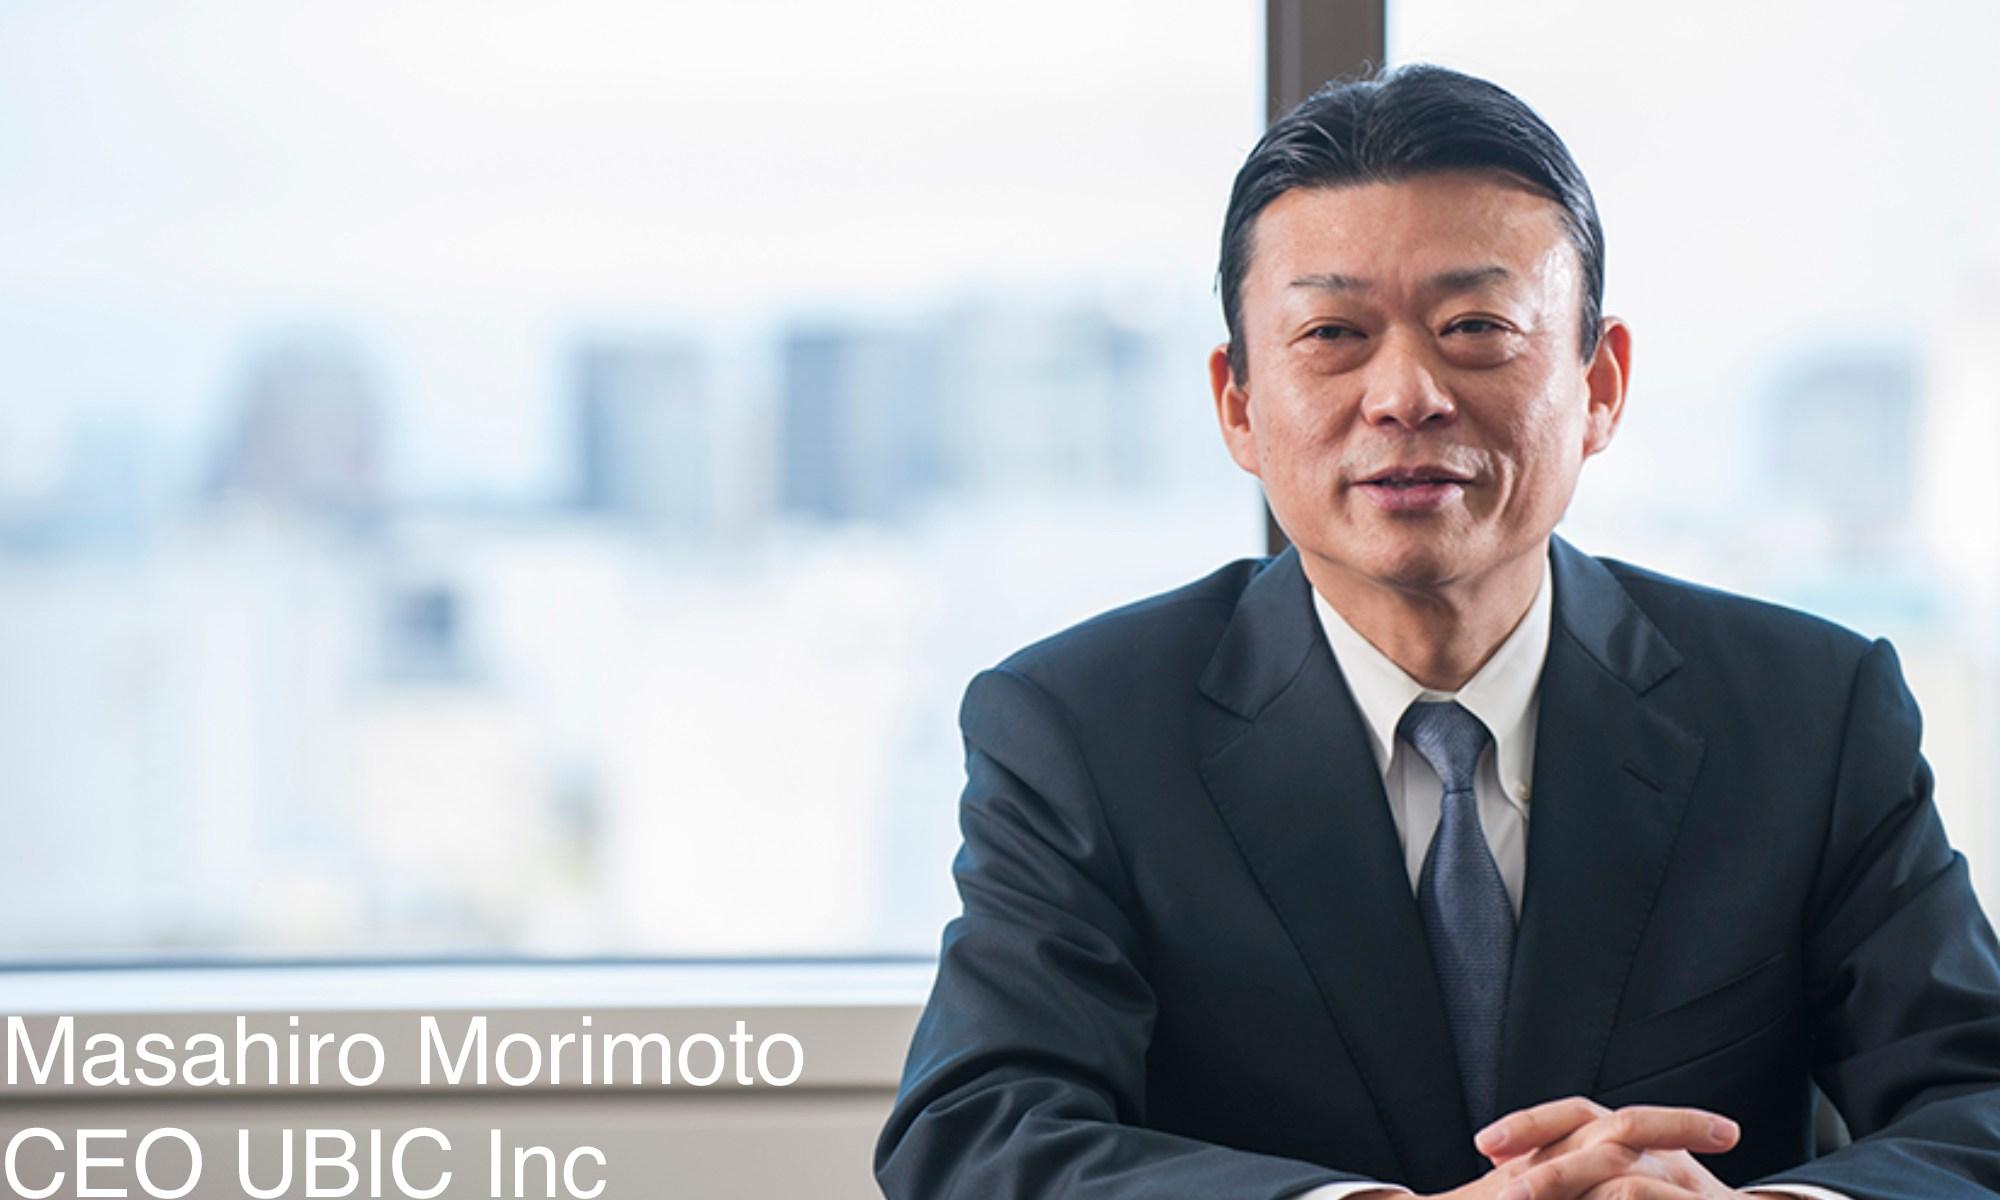 Masahiro Morimoto, entrepreneur, CEO and Chairman of the Board, UBIC Inc. (today: Fronteo)